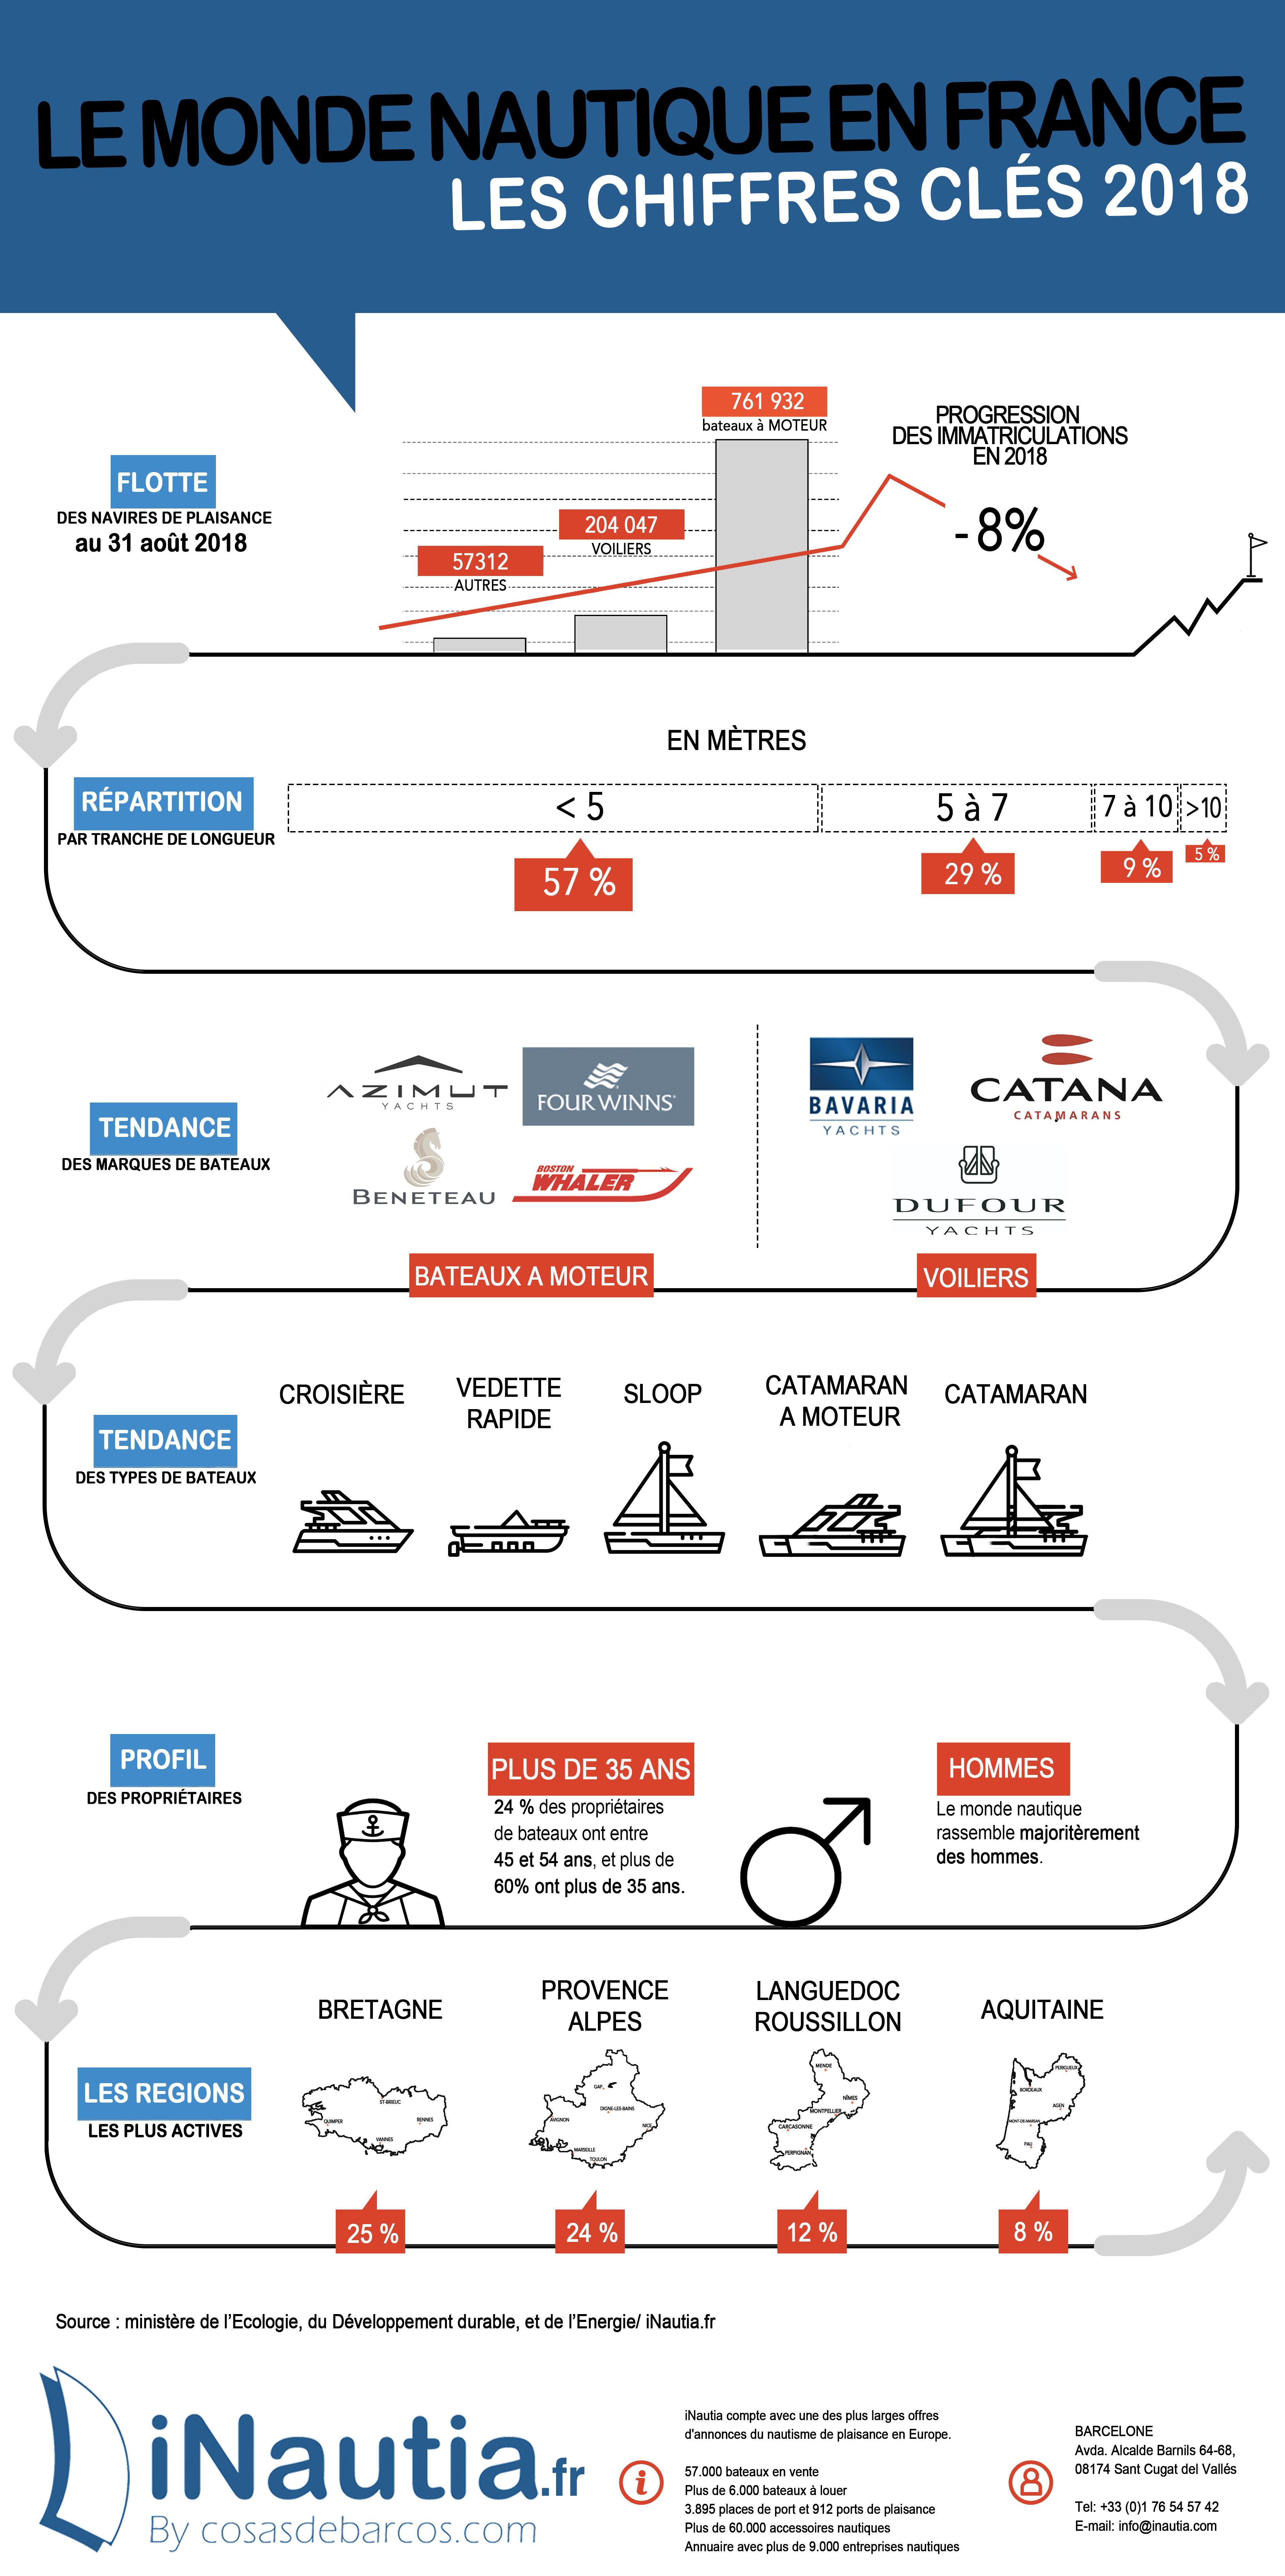 Infographie sur le monde nautique.